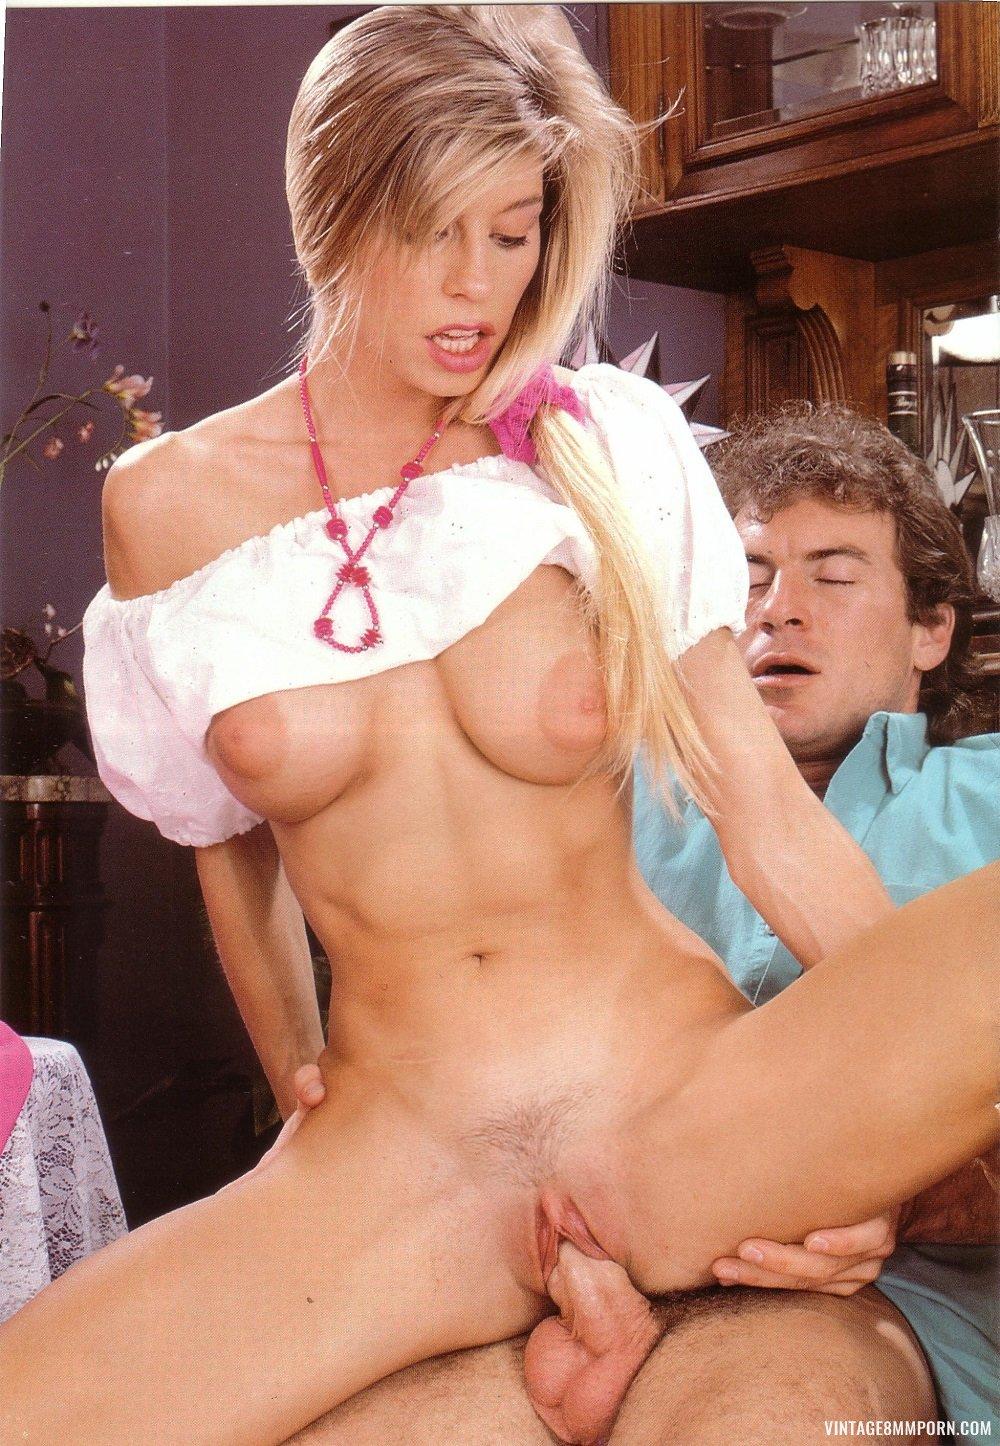 Danielle porn star